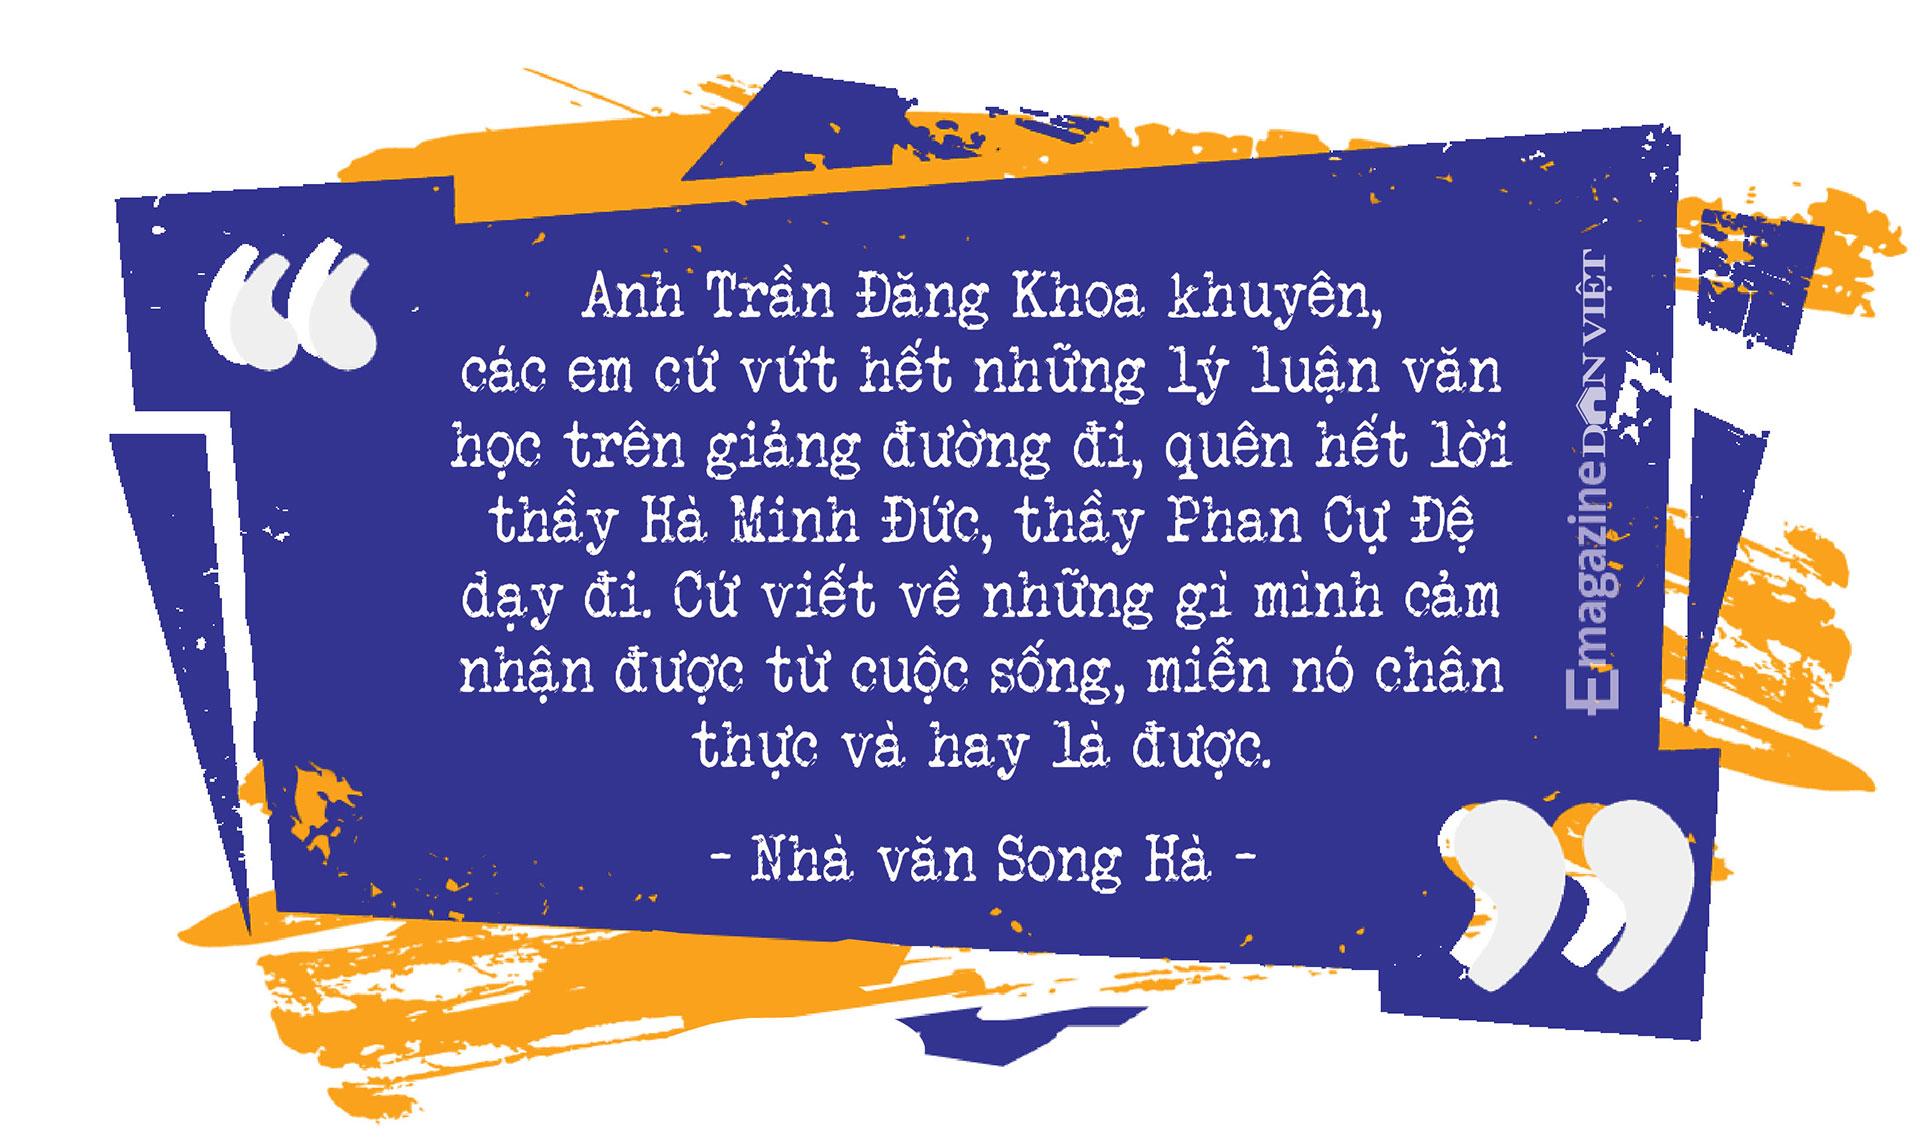 Cây bút văn học mạng Song Hà: Mảng đề tài đa cấp, đòi nợ… tôi viết dễ như thò tay vào túi lấy kẹo - Ảnh 7.